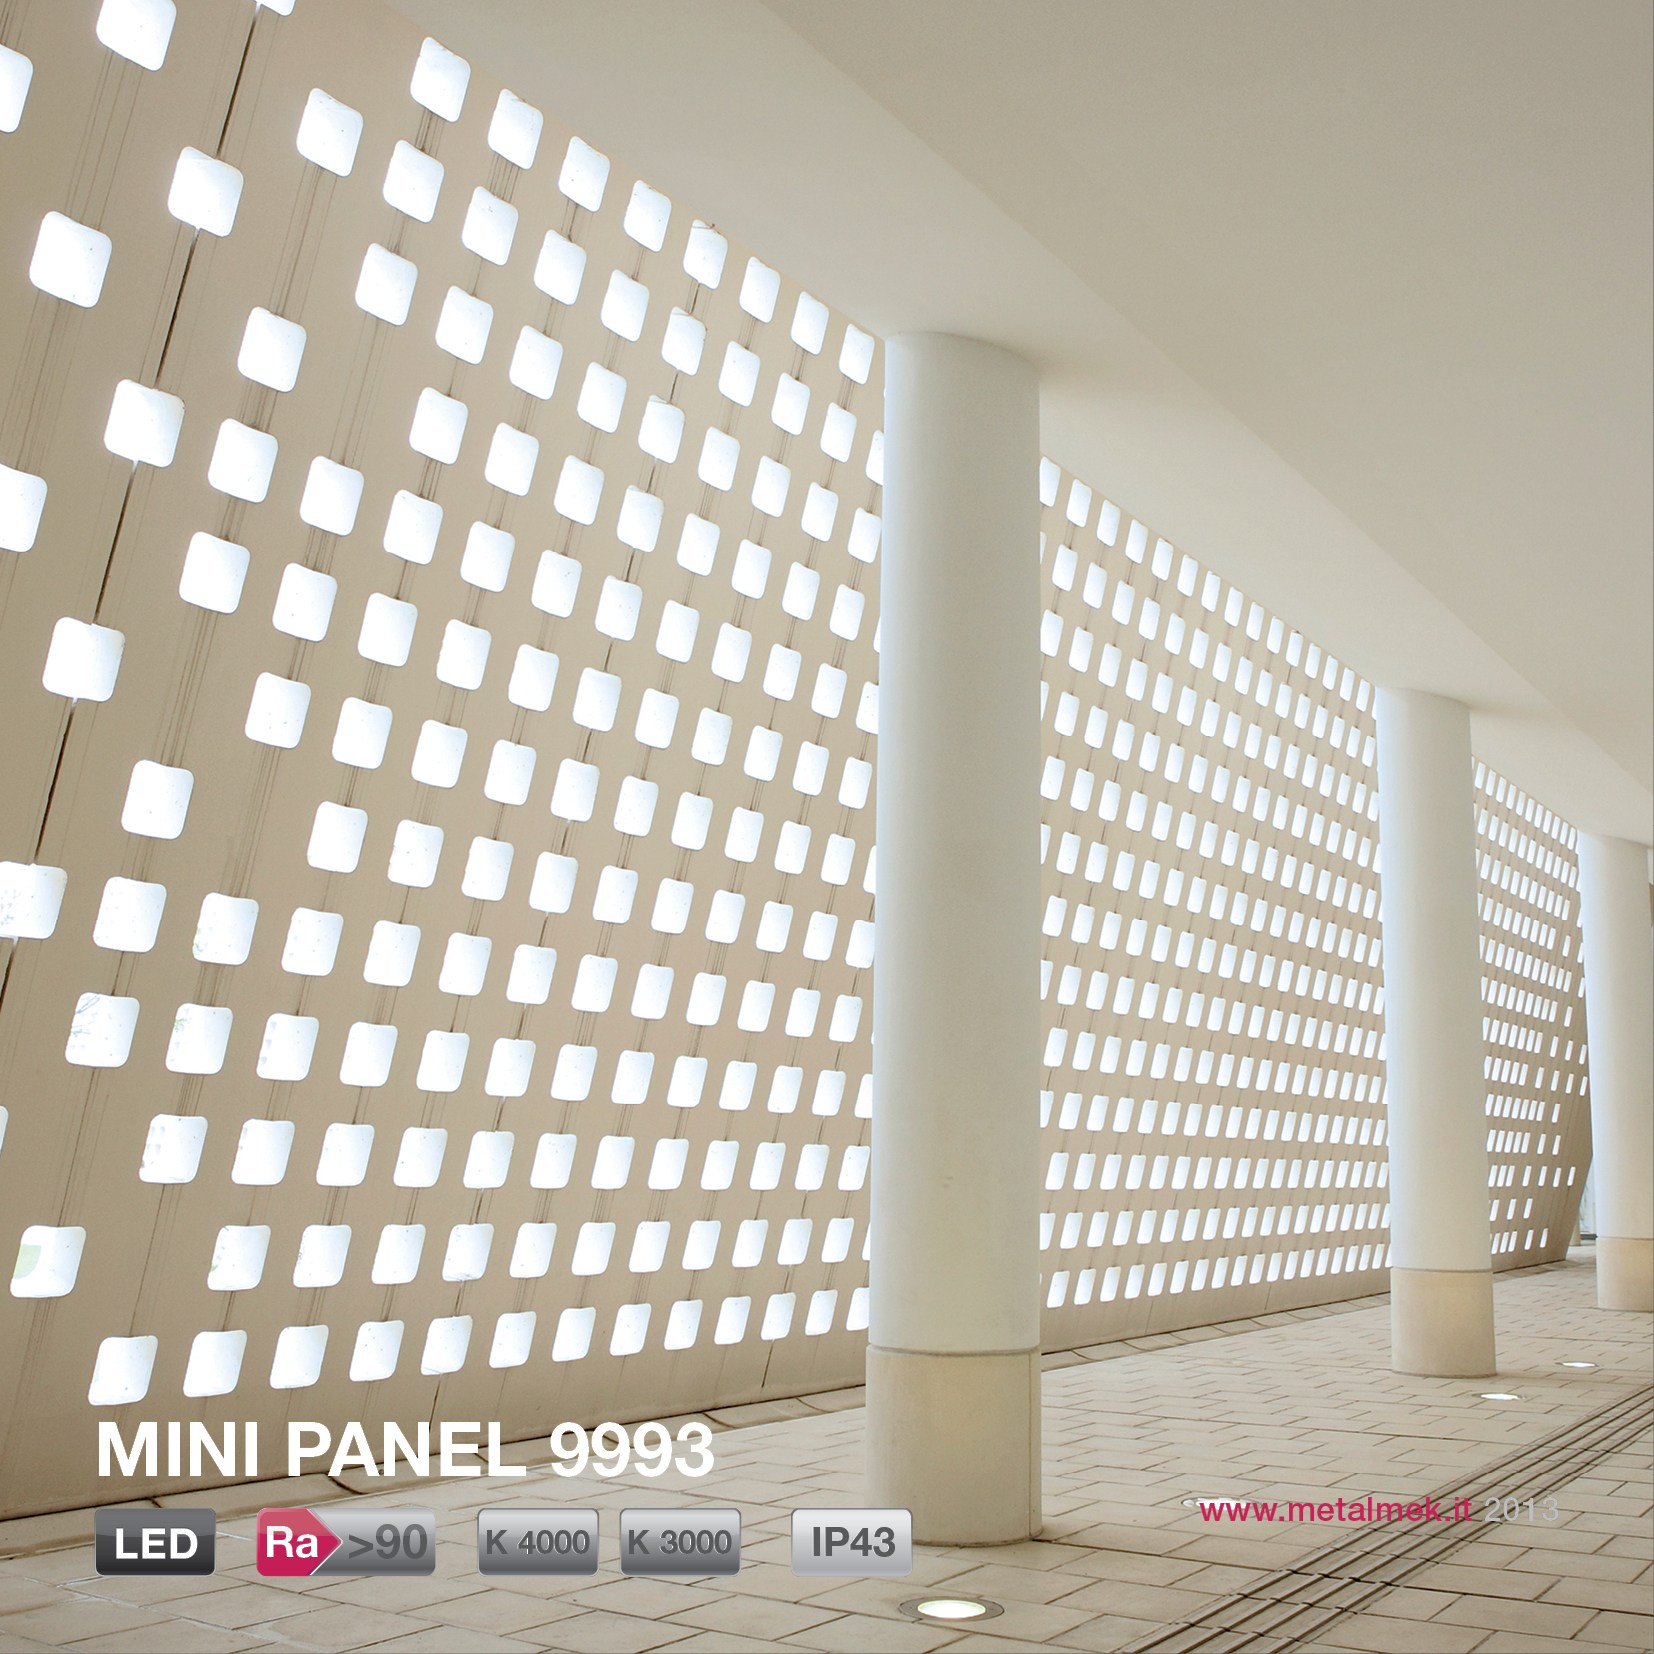 Design LED die cast aluminium built-in lamp for false ceiling MINI ...